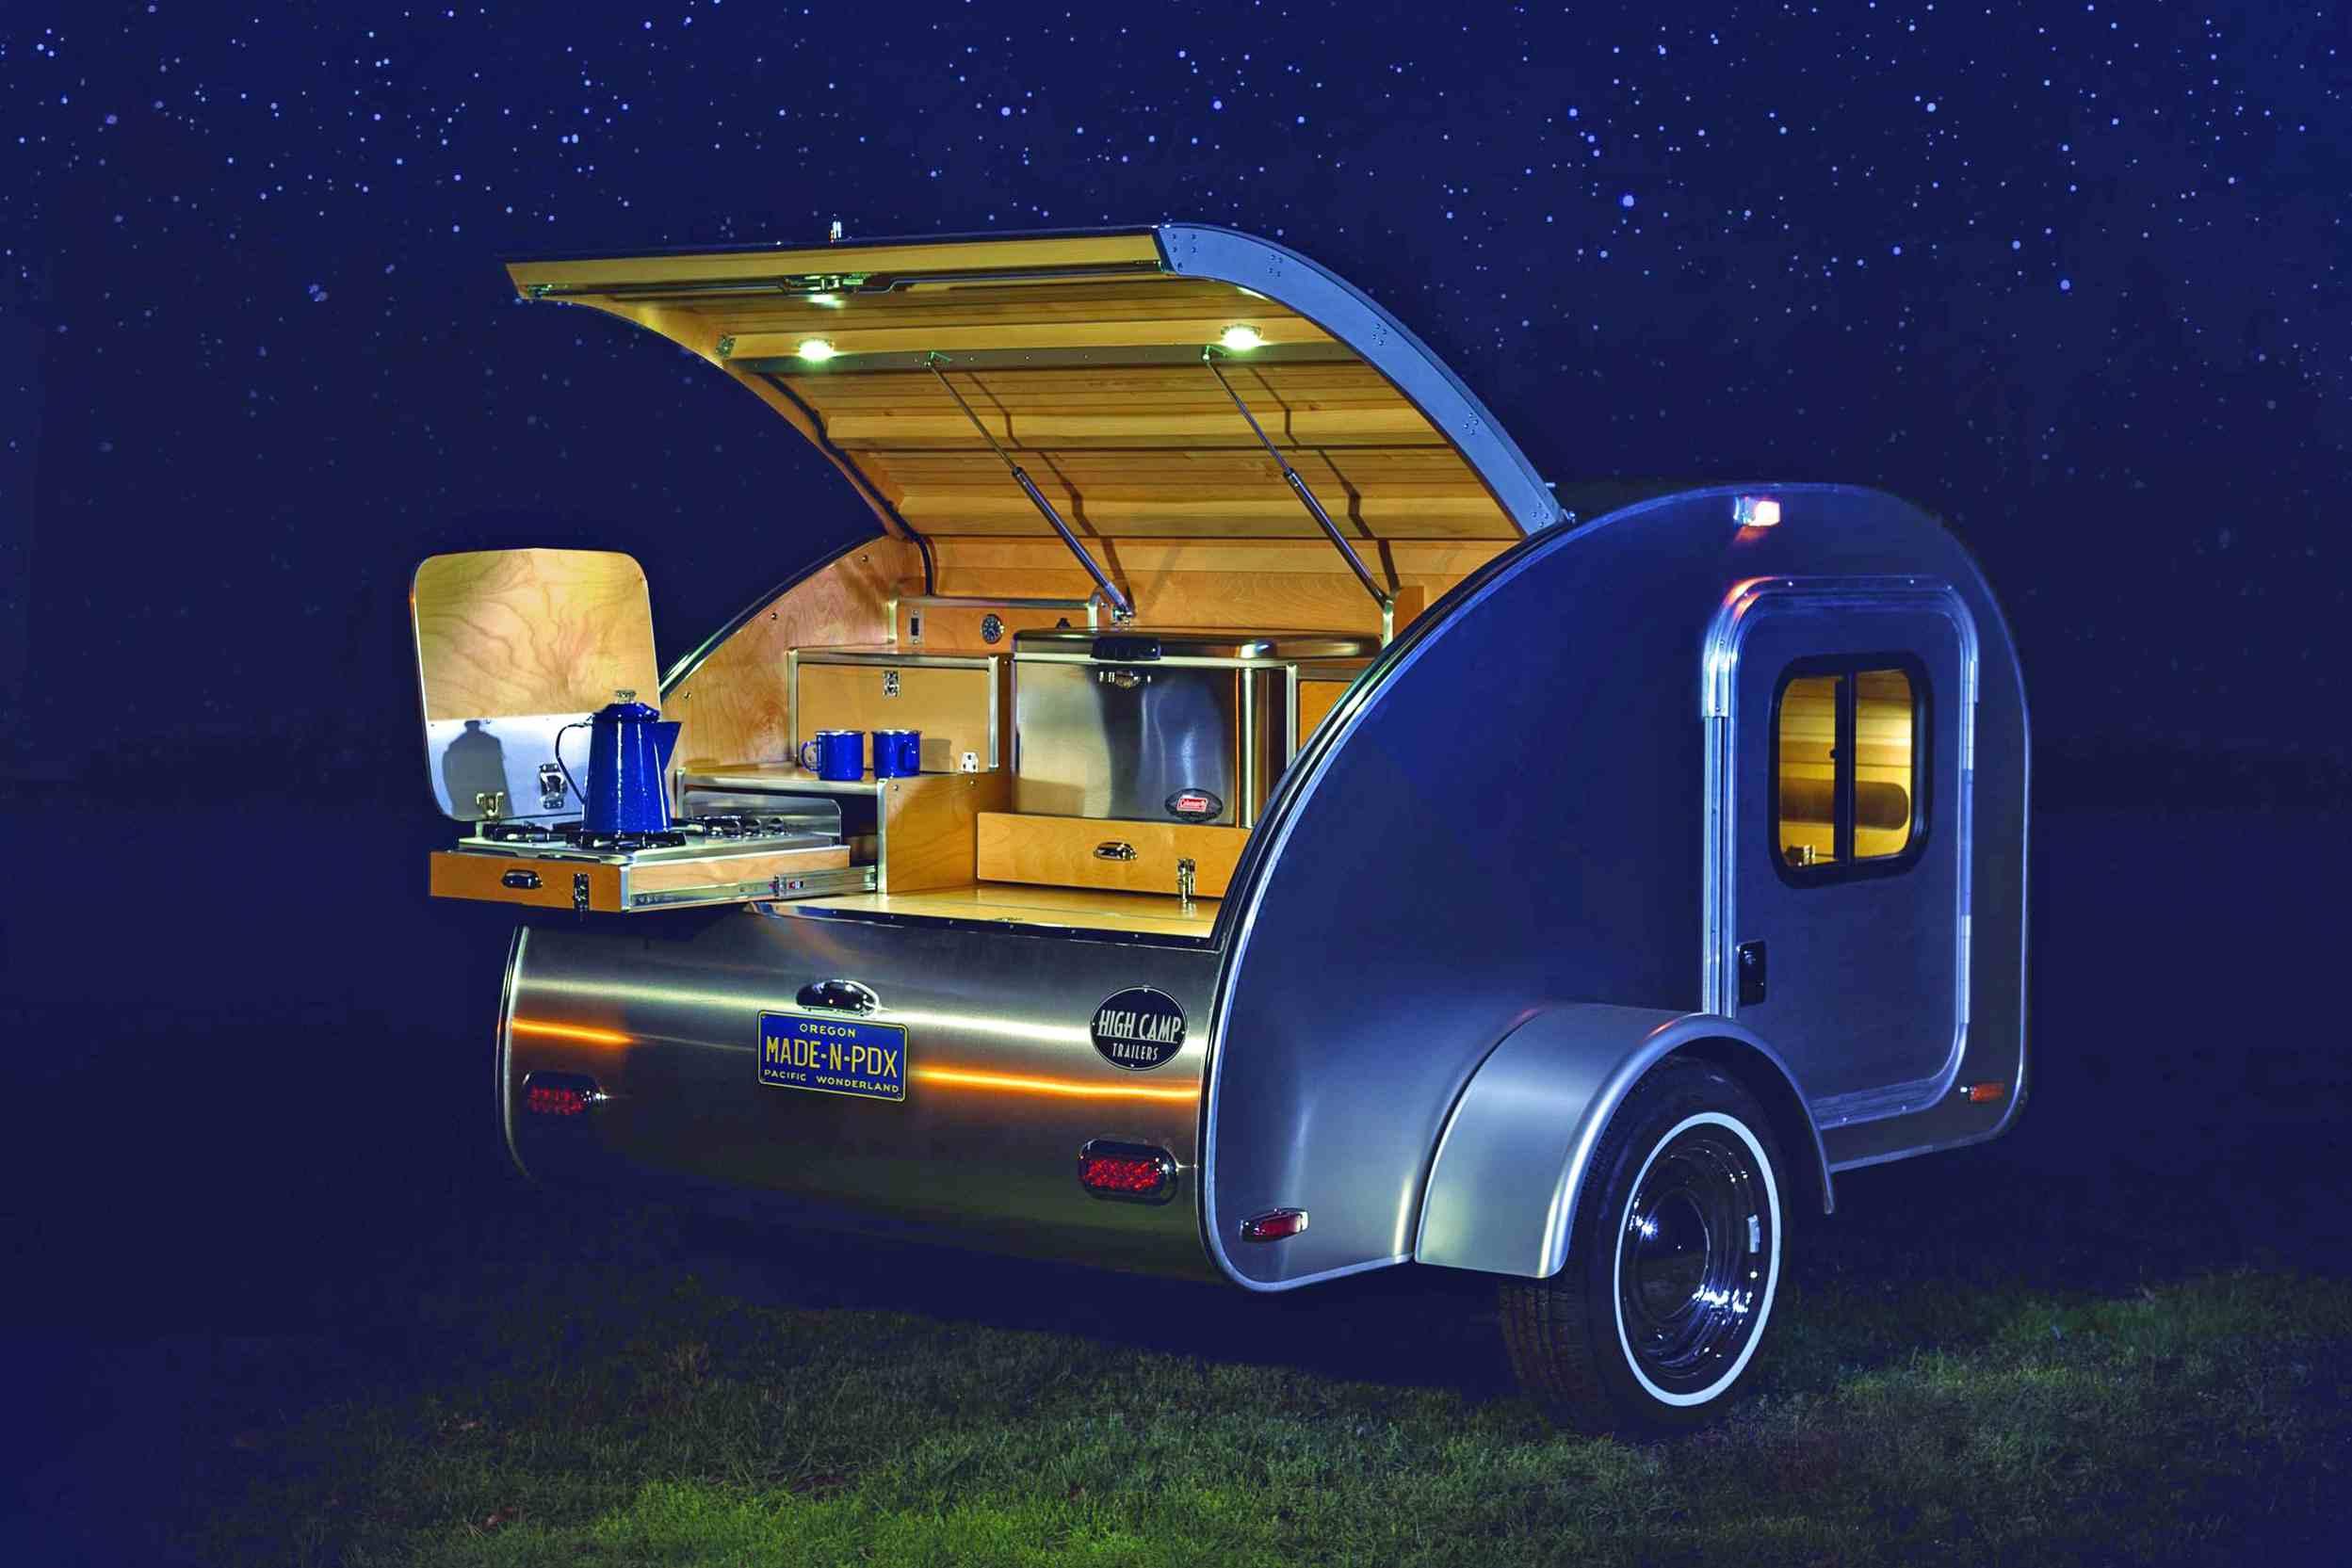 Una lágrima camper trailer